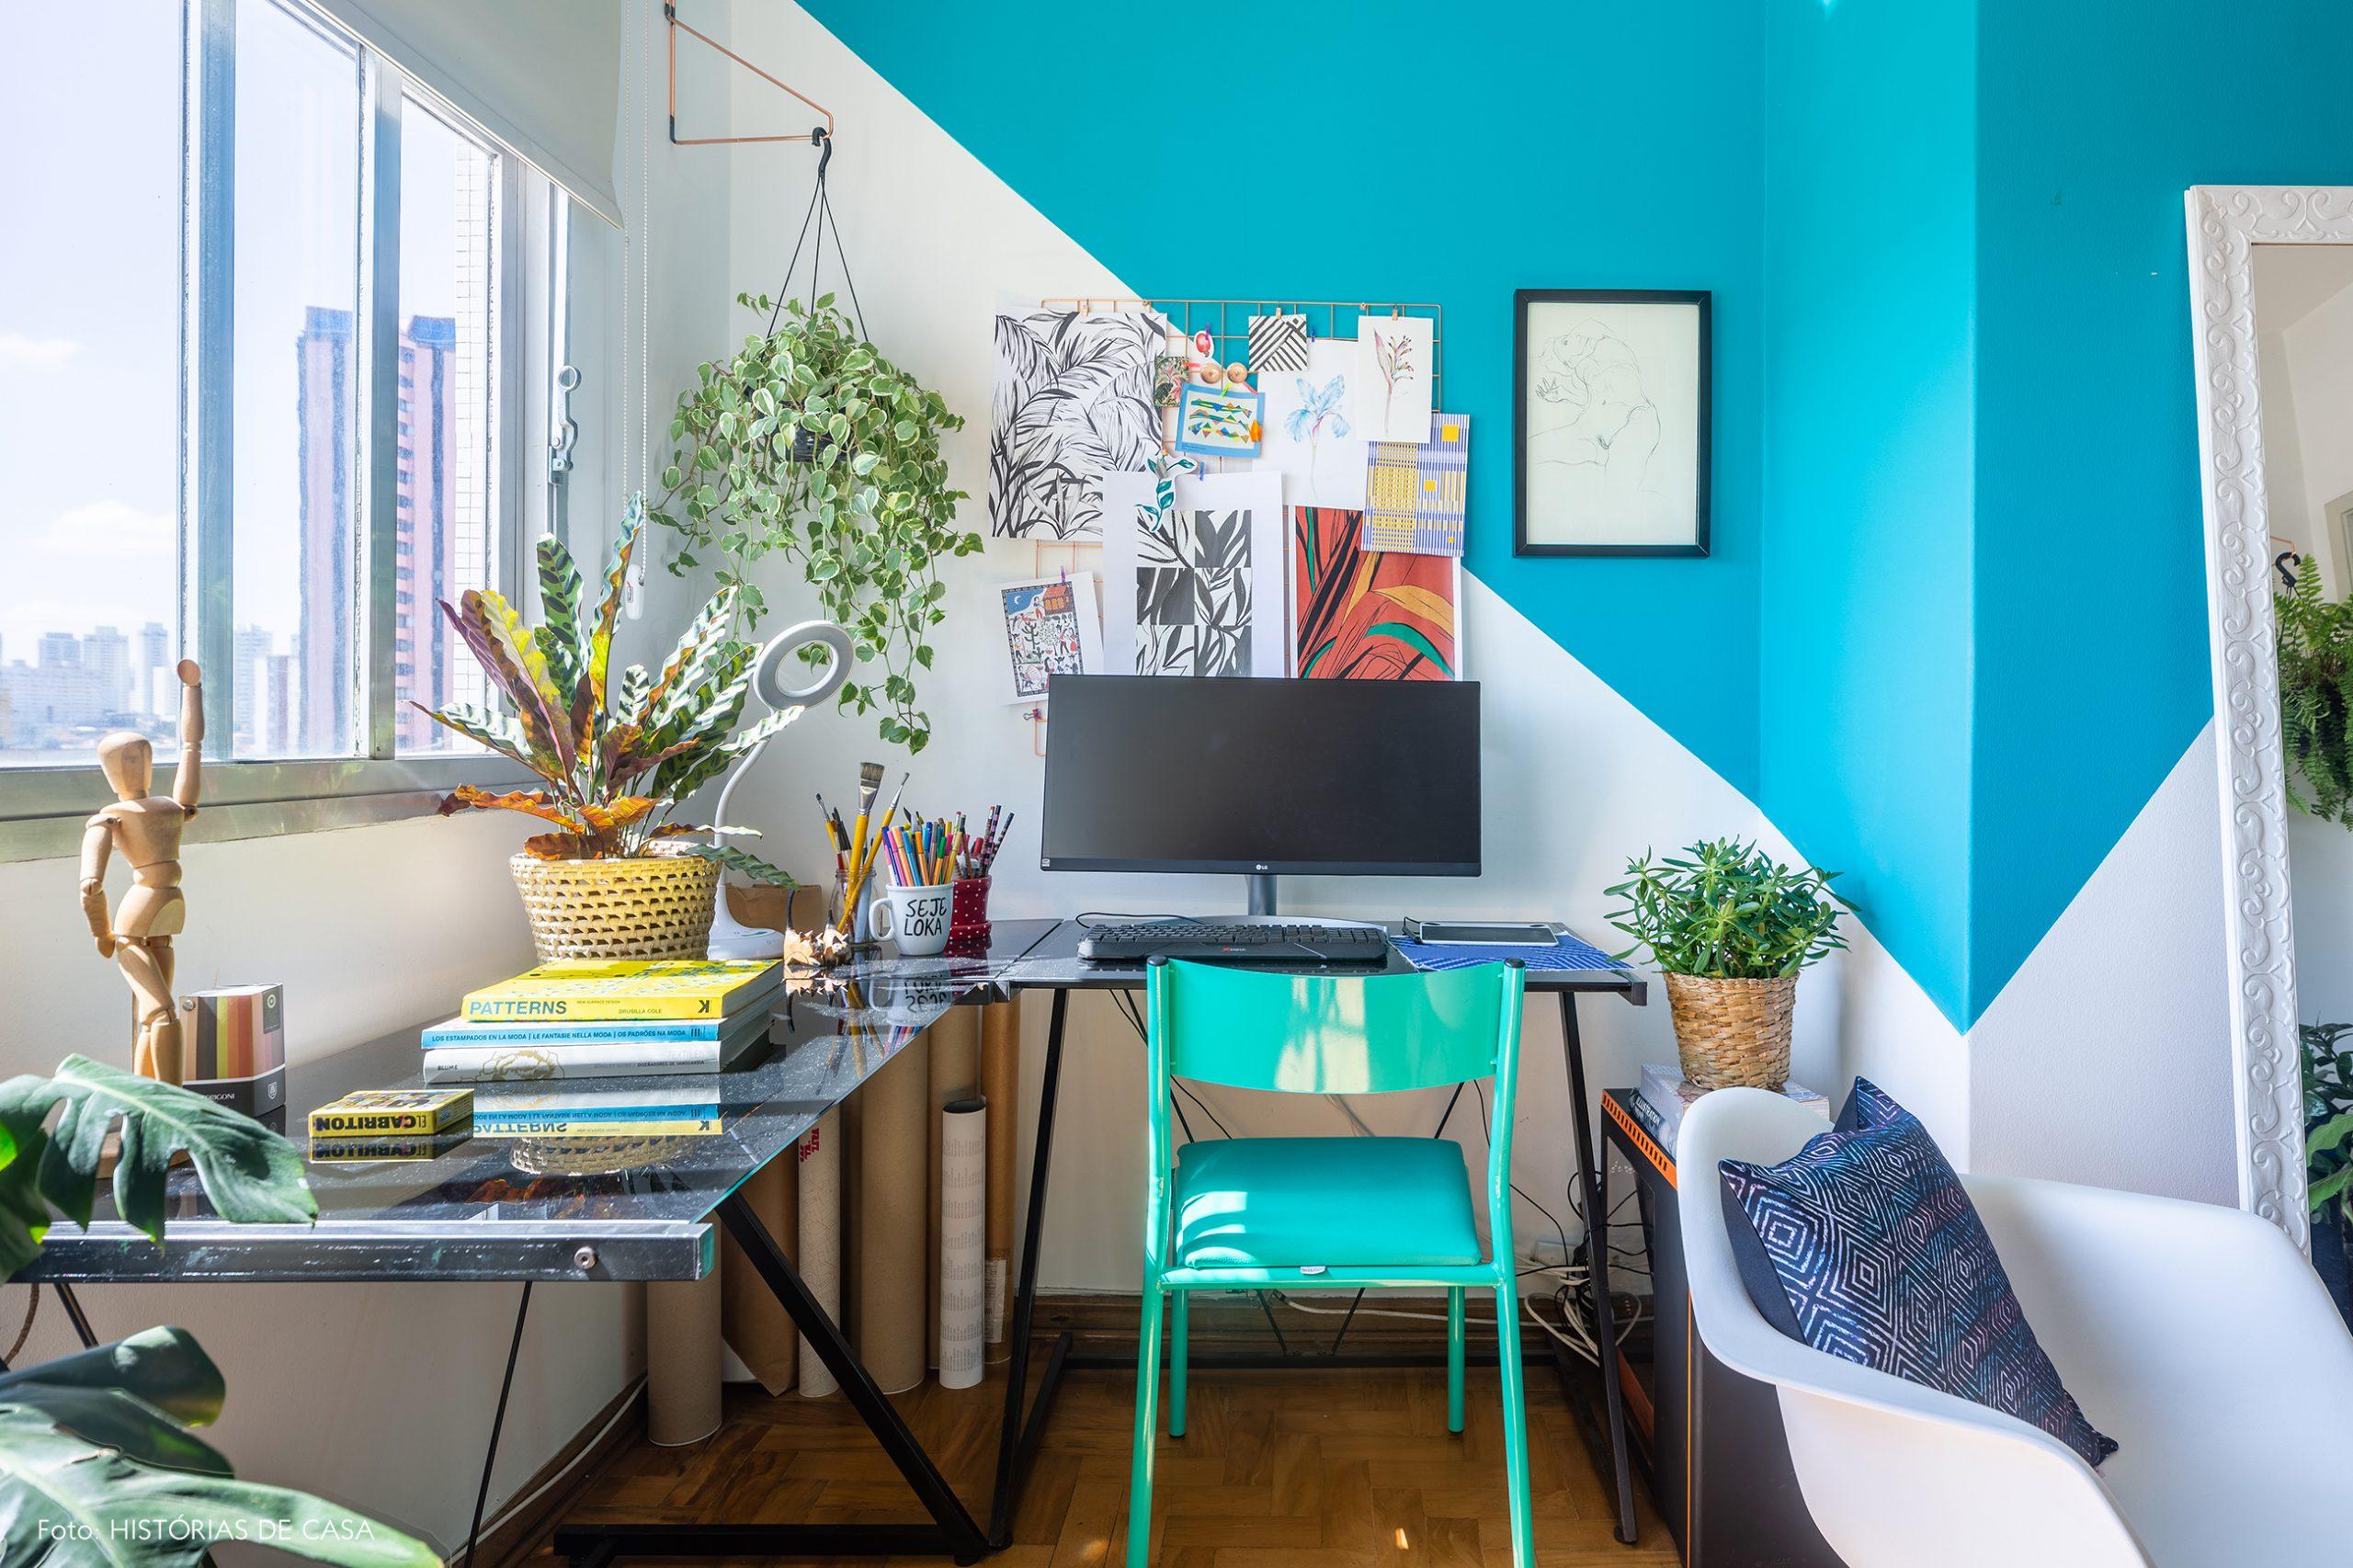 decoração sala com pintura geométrica azul, cadeira eames